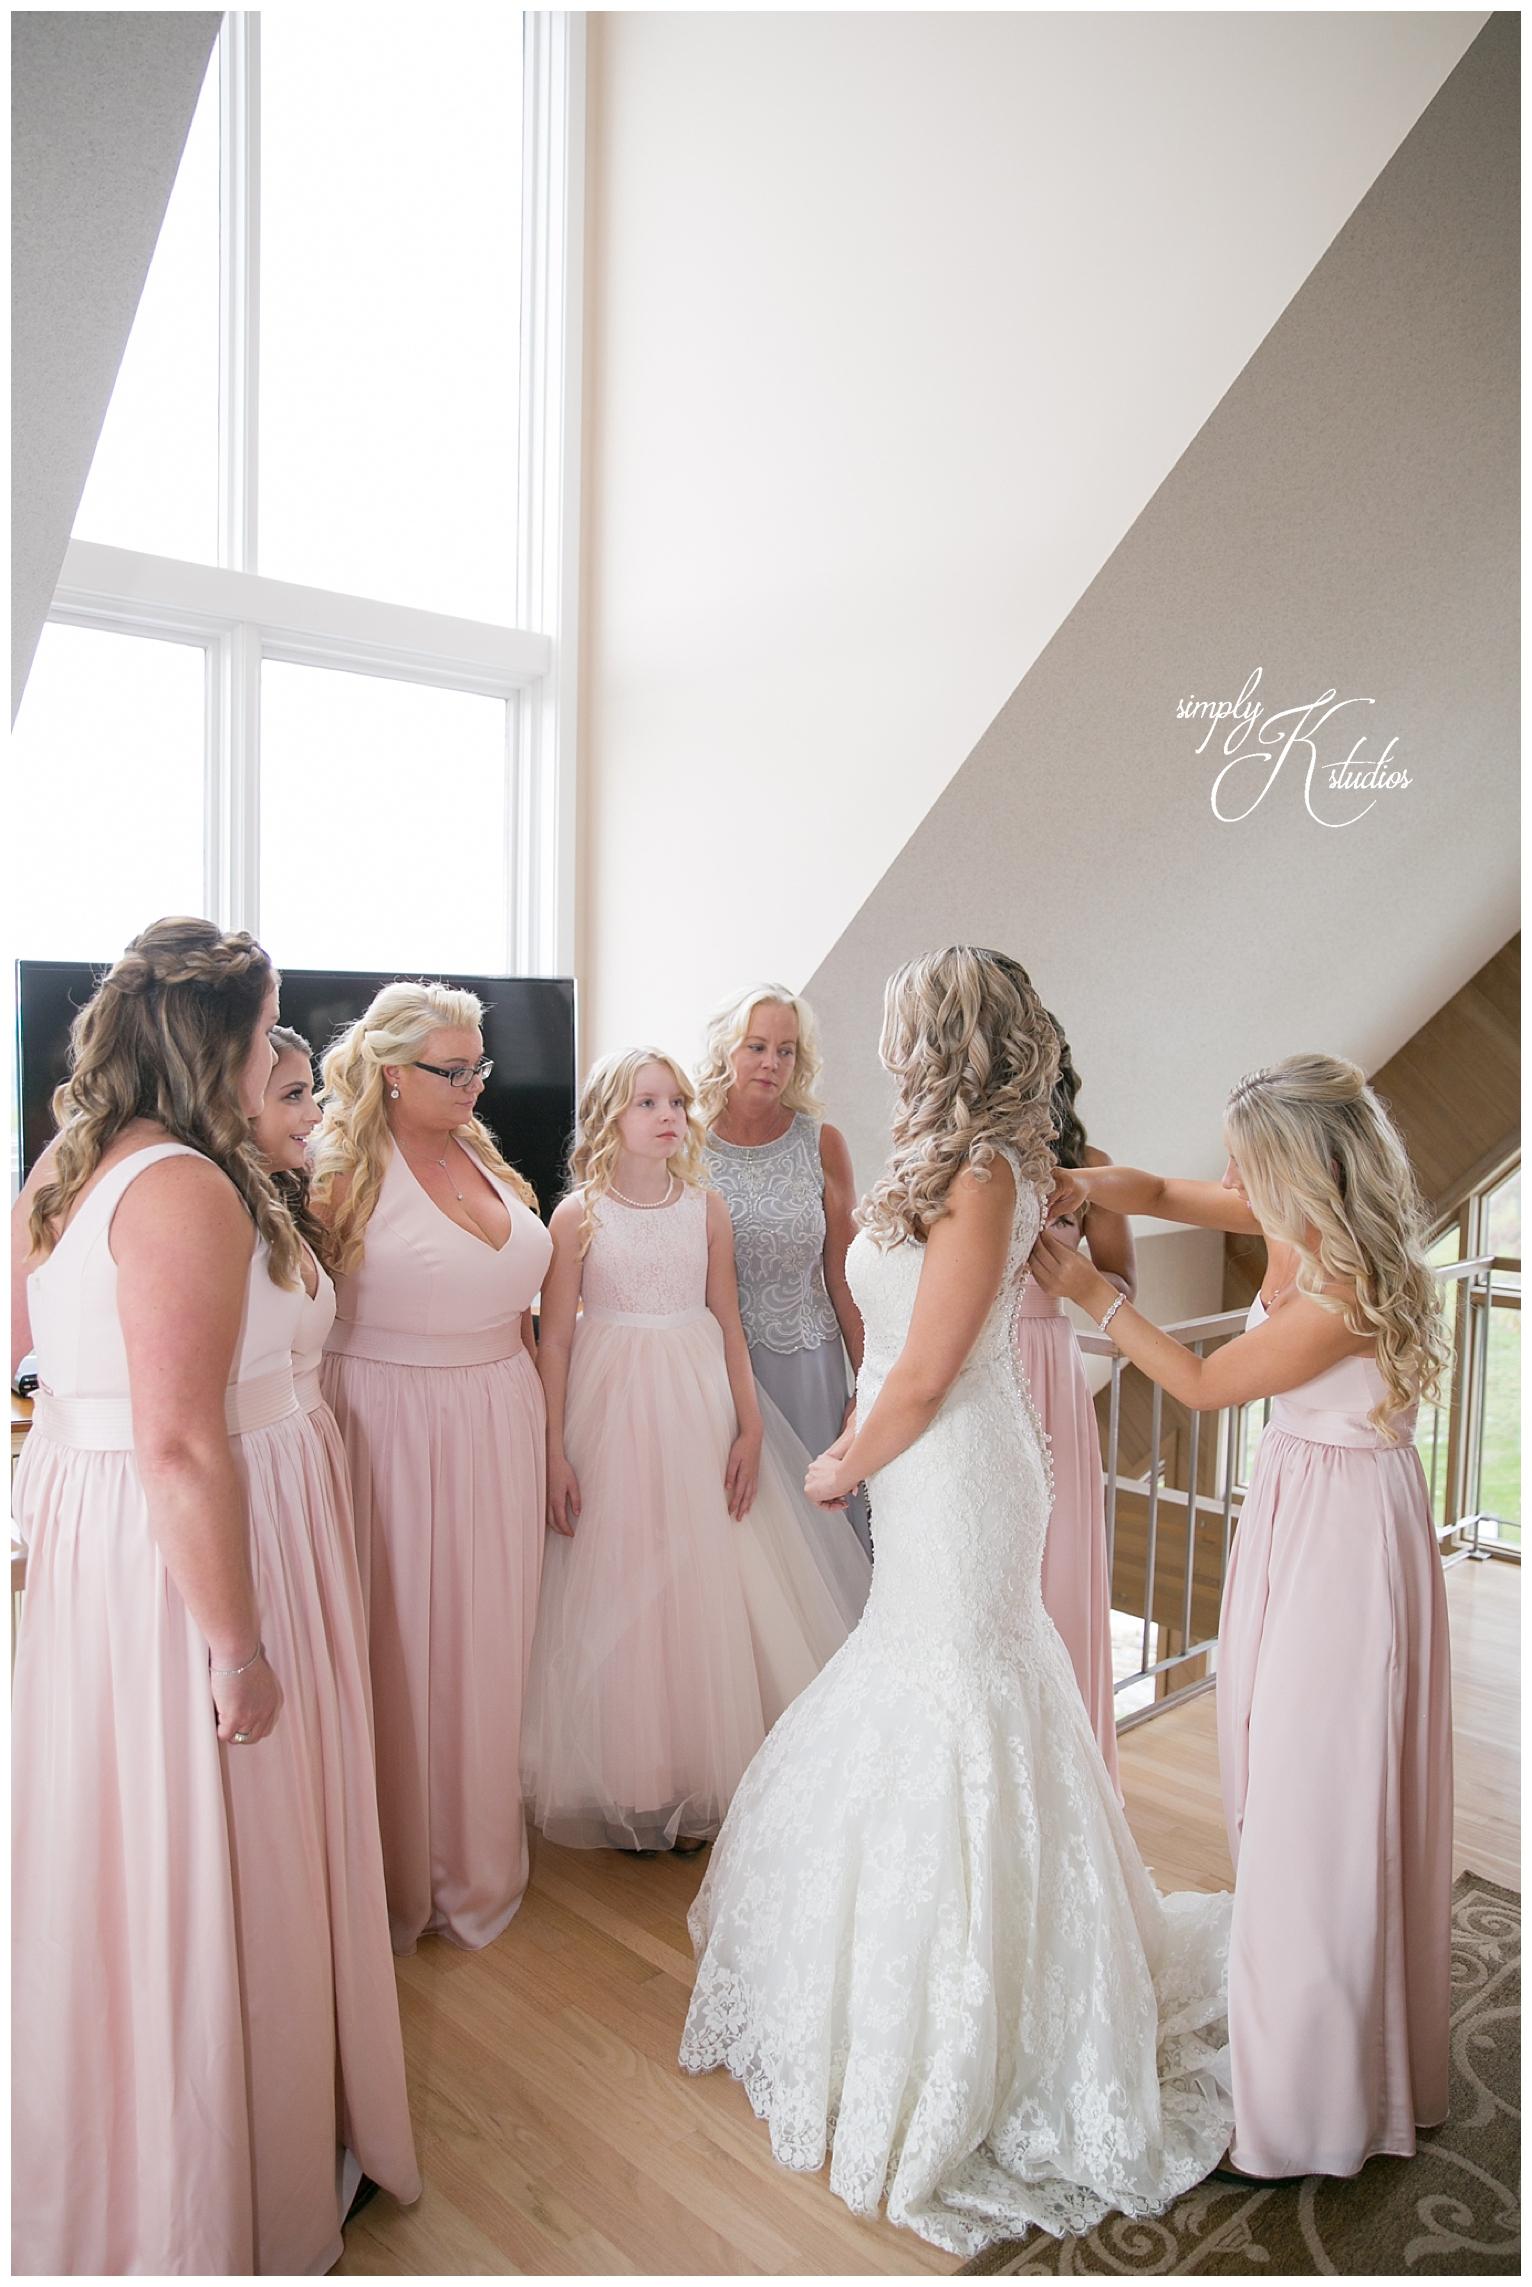 Wedding Dresses at Mariella Creations CT.jpg